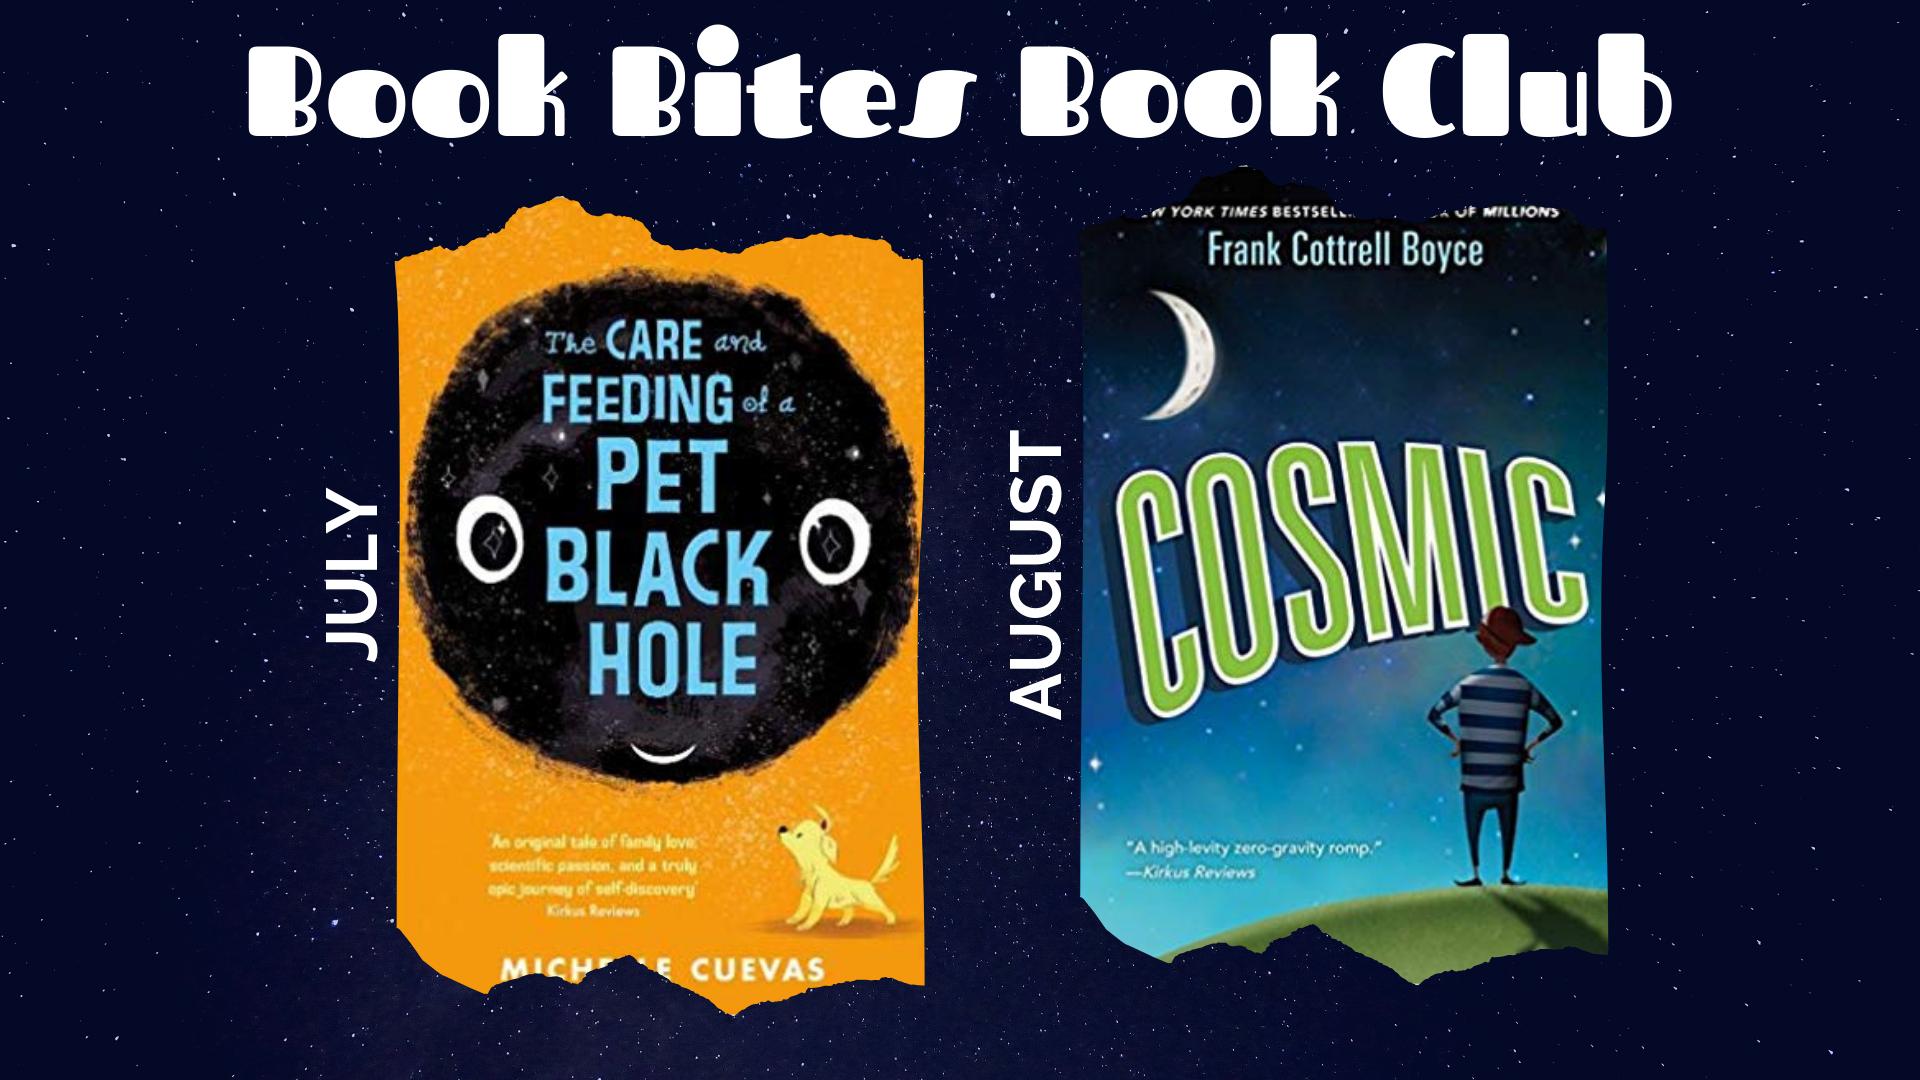 Book Bites Book Club